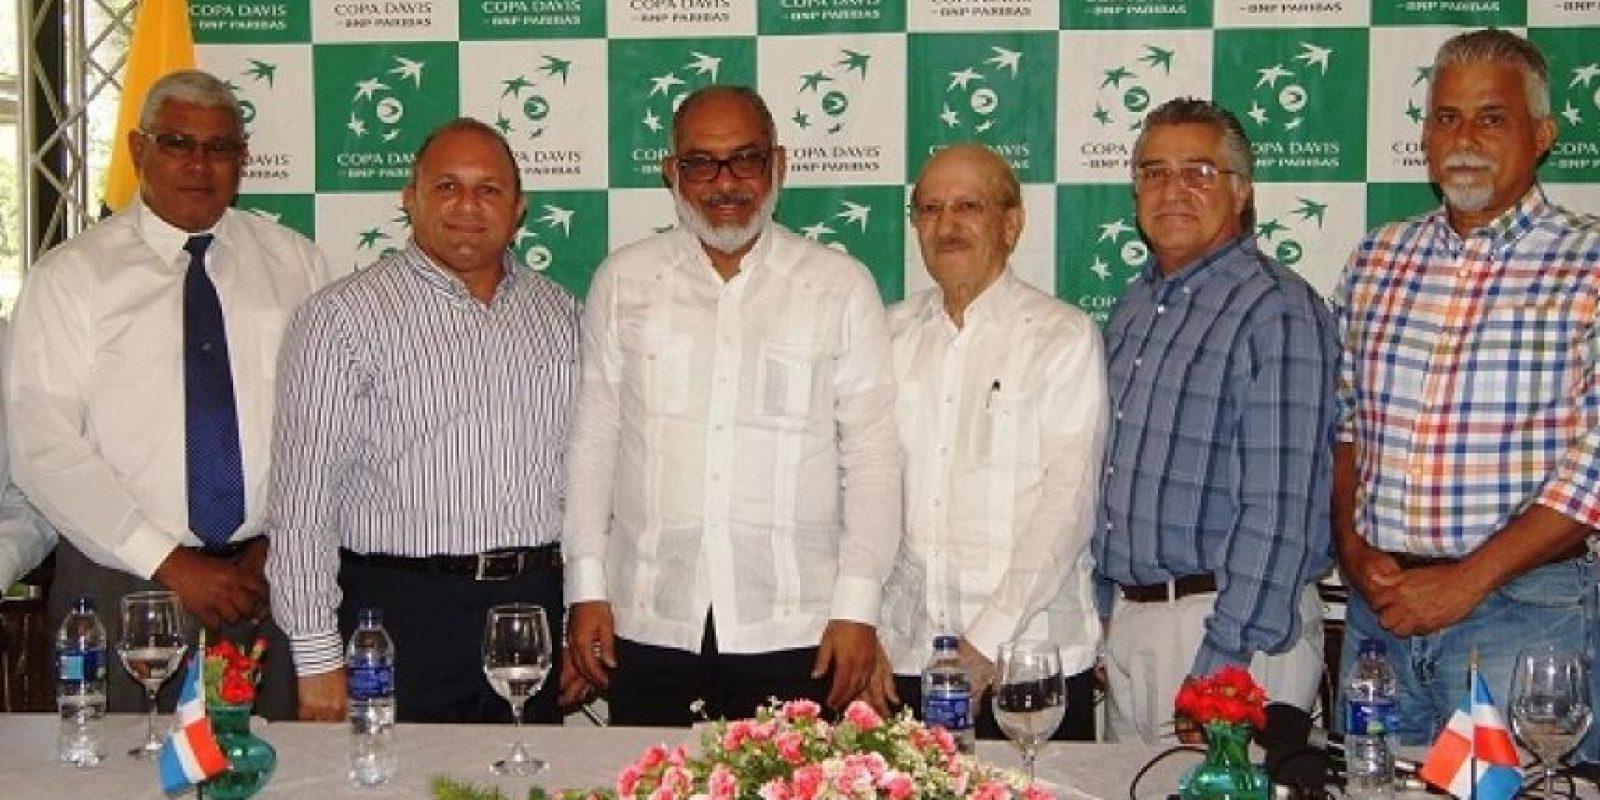 Fedor Agelán, presidente del Centro Español; Gustavo Gómez, vicepresidente de la Asociación de Tenis de Santiago (ASOTESA) y Arturo Saviñón, director de Fedotenis. Foto:Fuente externa